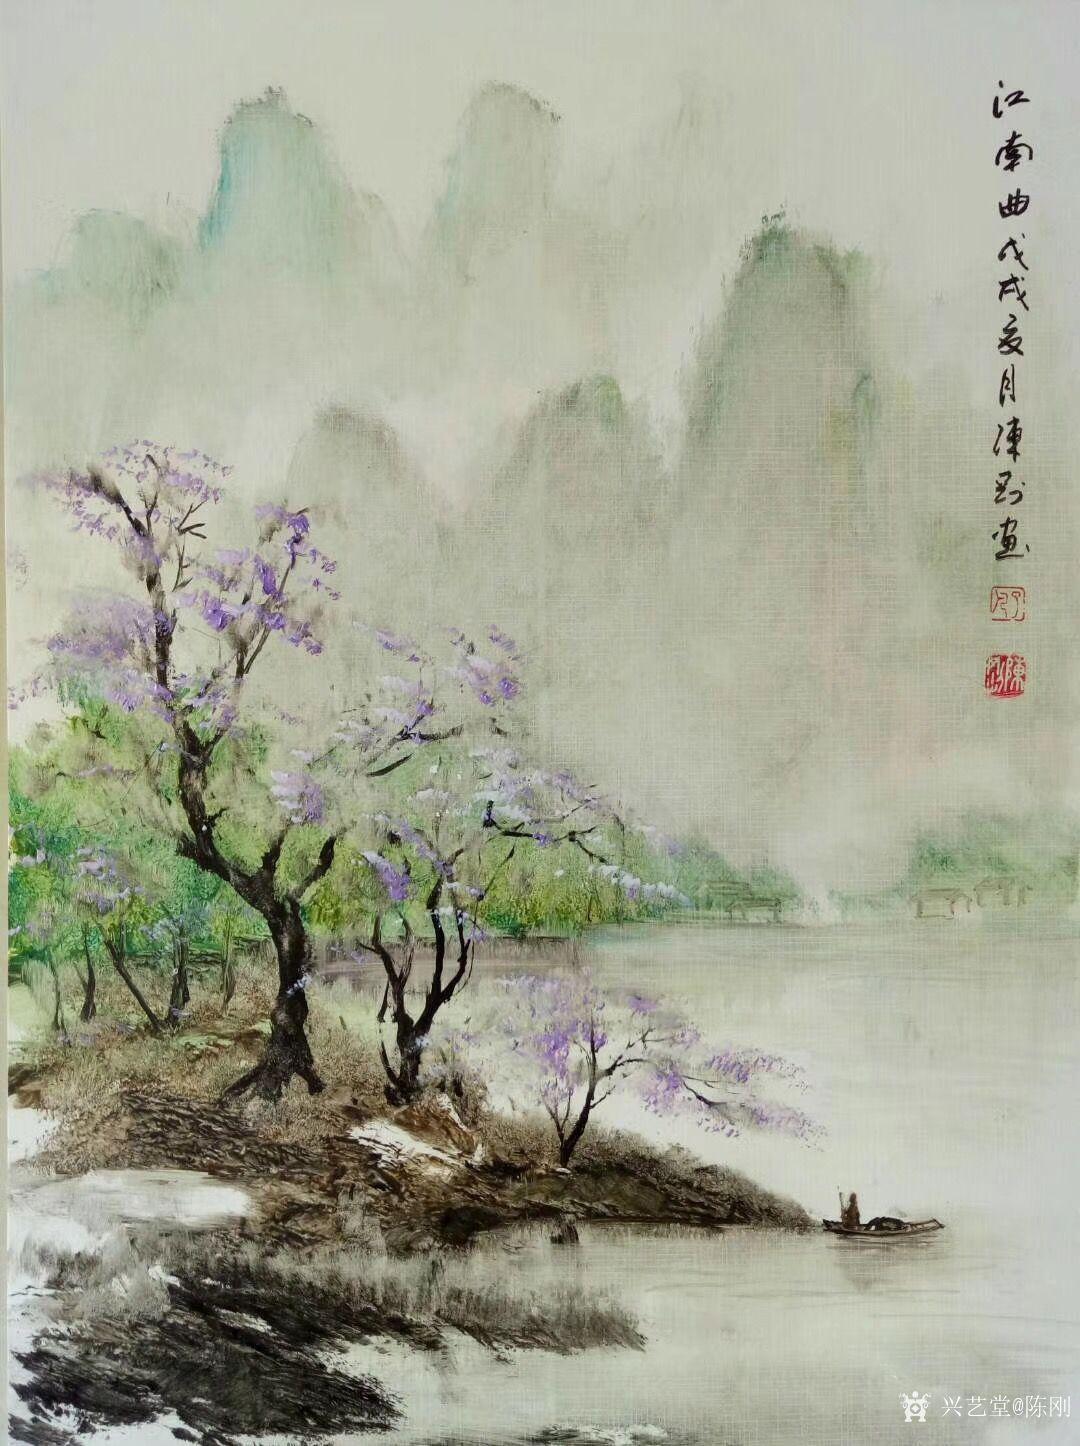 陈刚日志-江南写生之《江南曲》,国画山水画近作,感谢关注【图1】图片